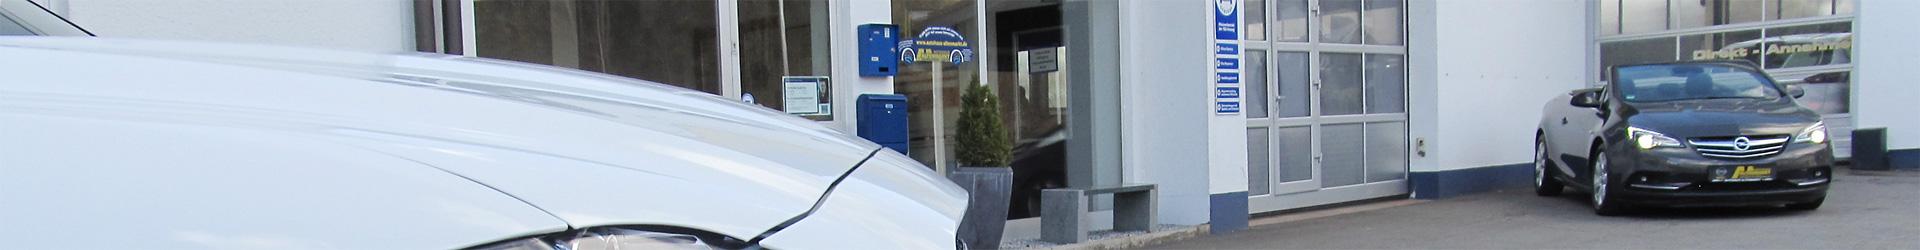 autohaus-altenmarkt-mehrmarkencenter-neuwagen-gebrauchtwagen-reparatur-service-header-01